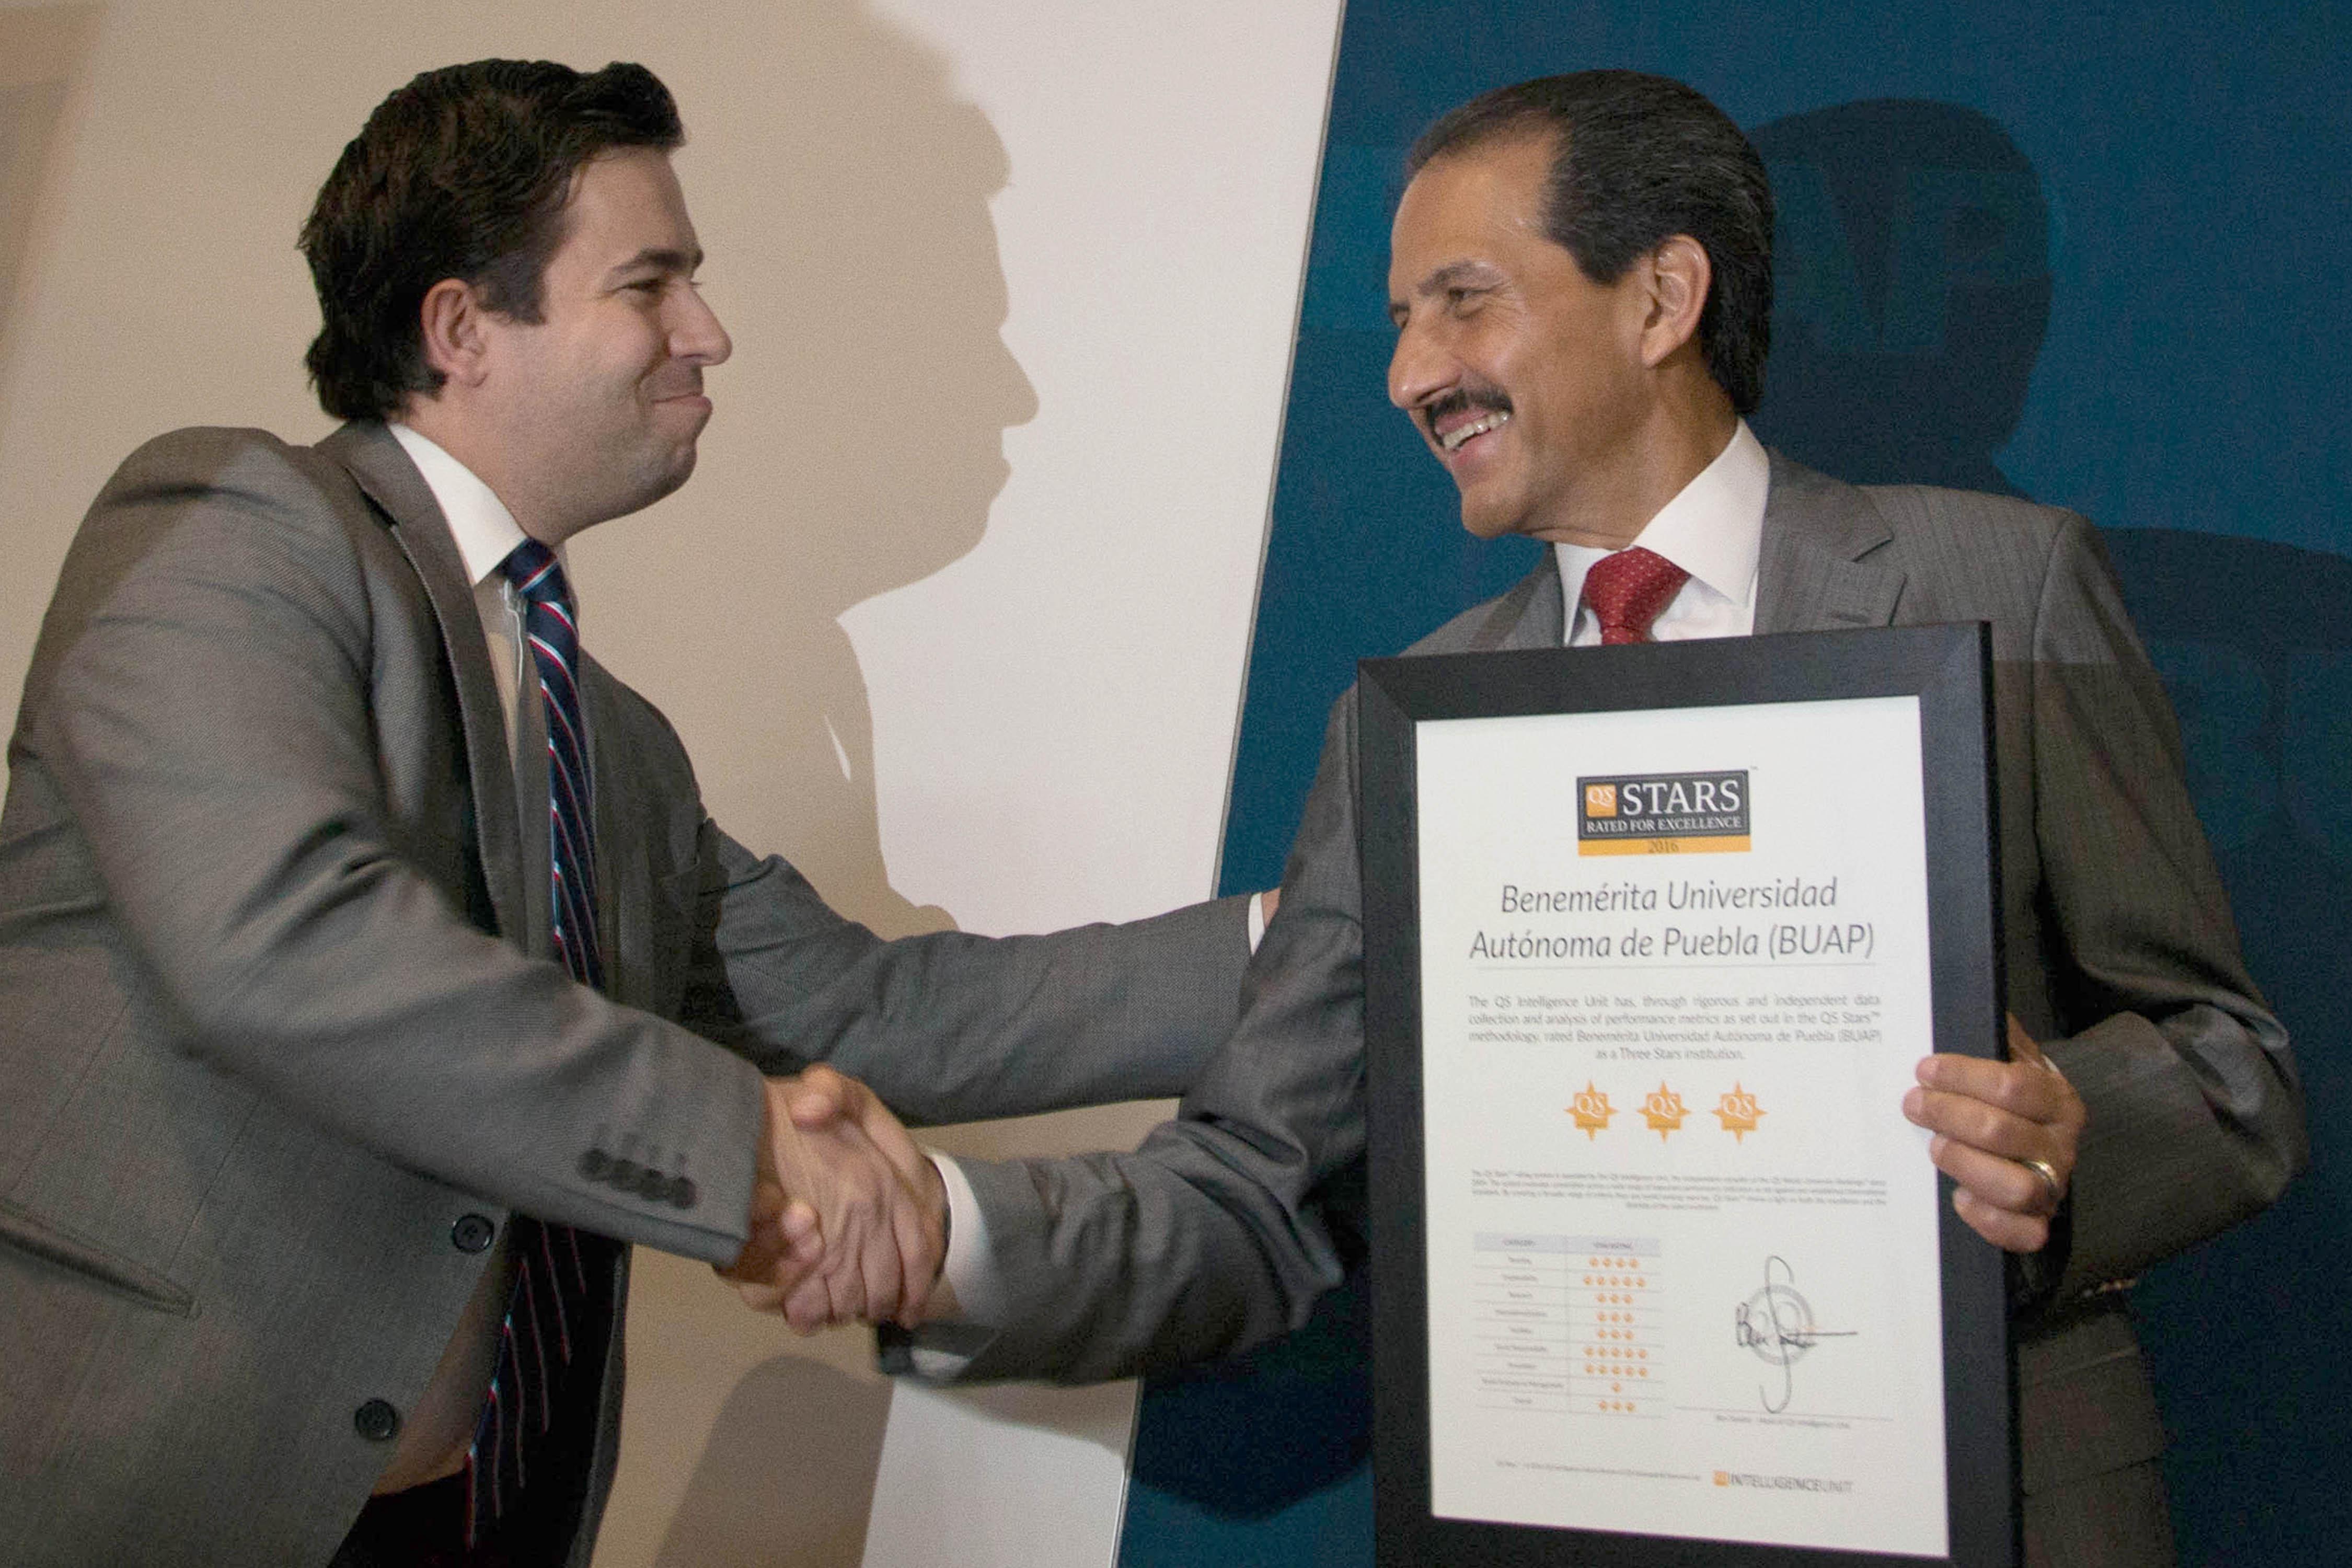 BUAP única en México con 5 estrellas en rubro de innovación QS Stars